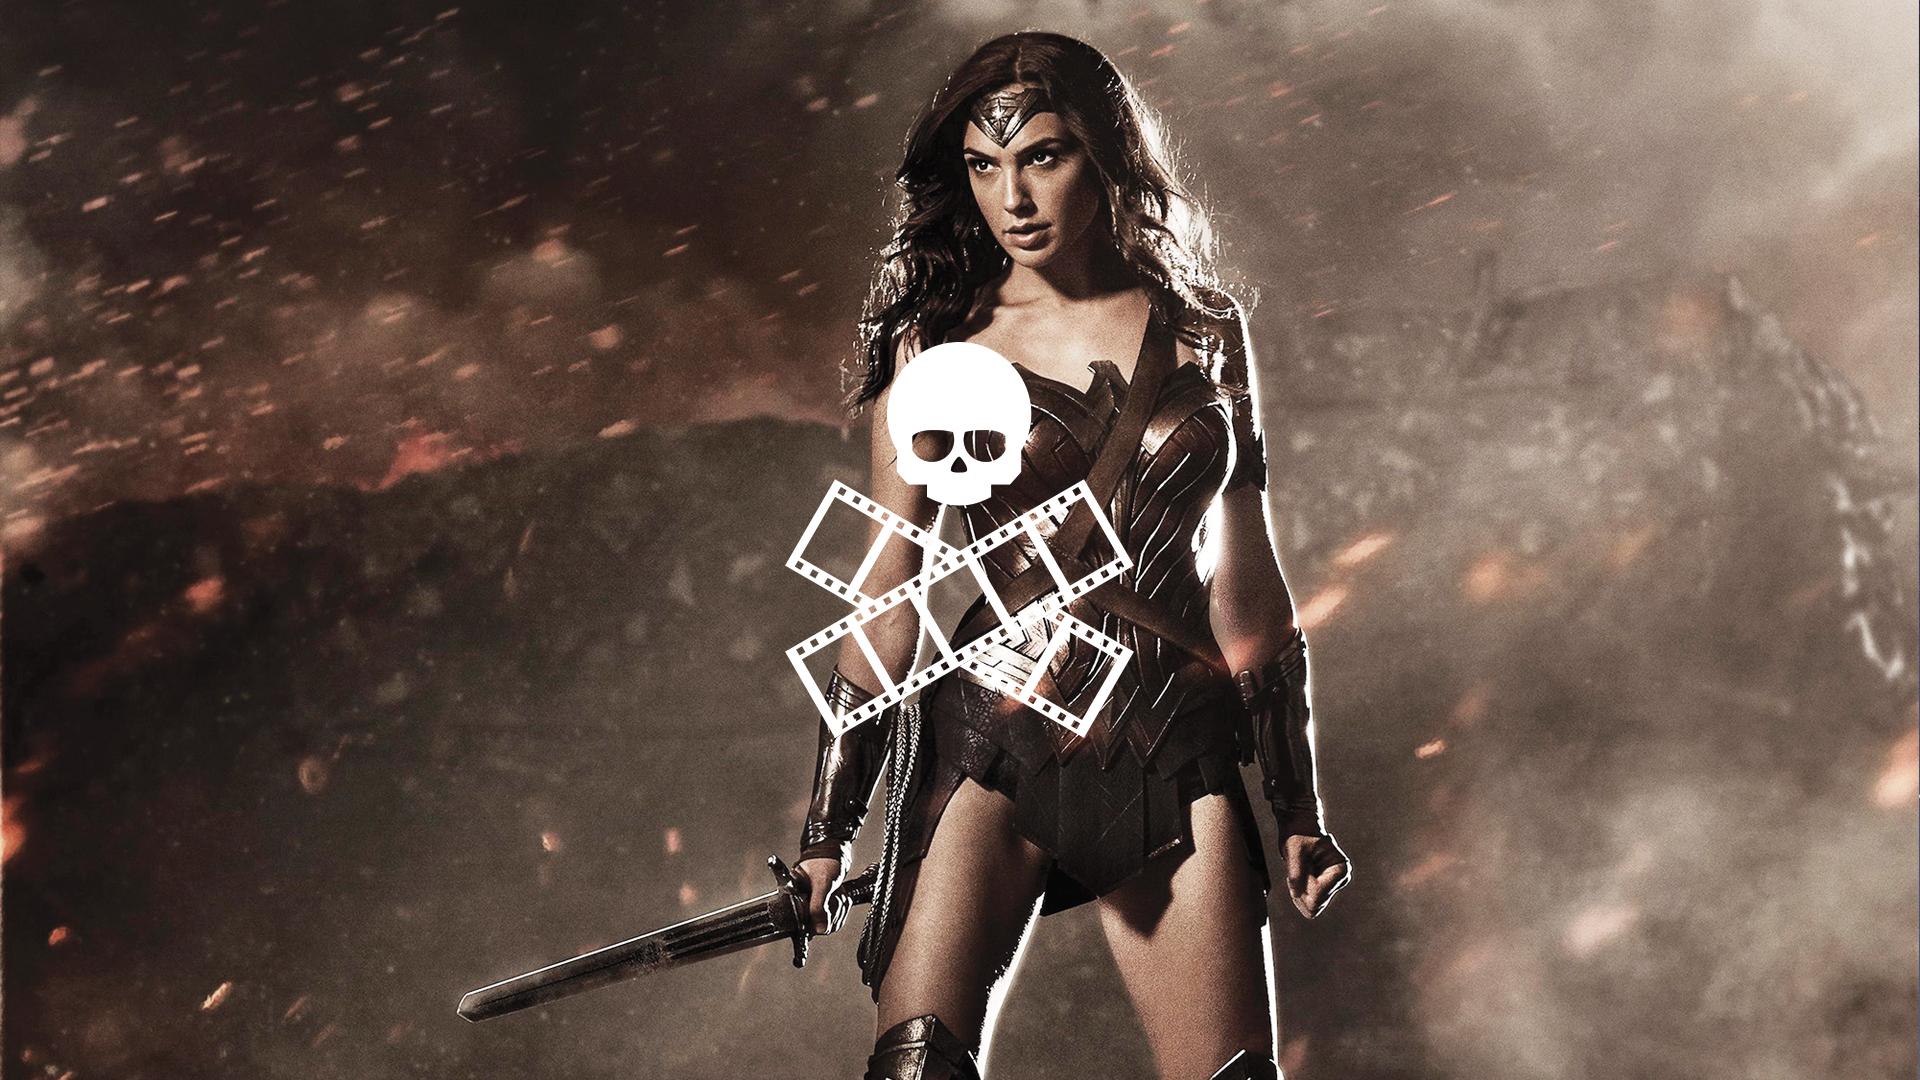 104. Wonder Woman